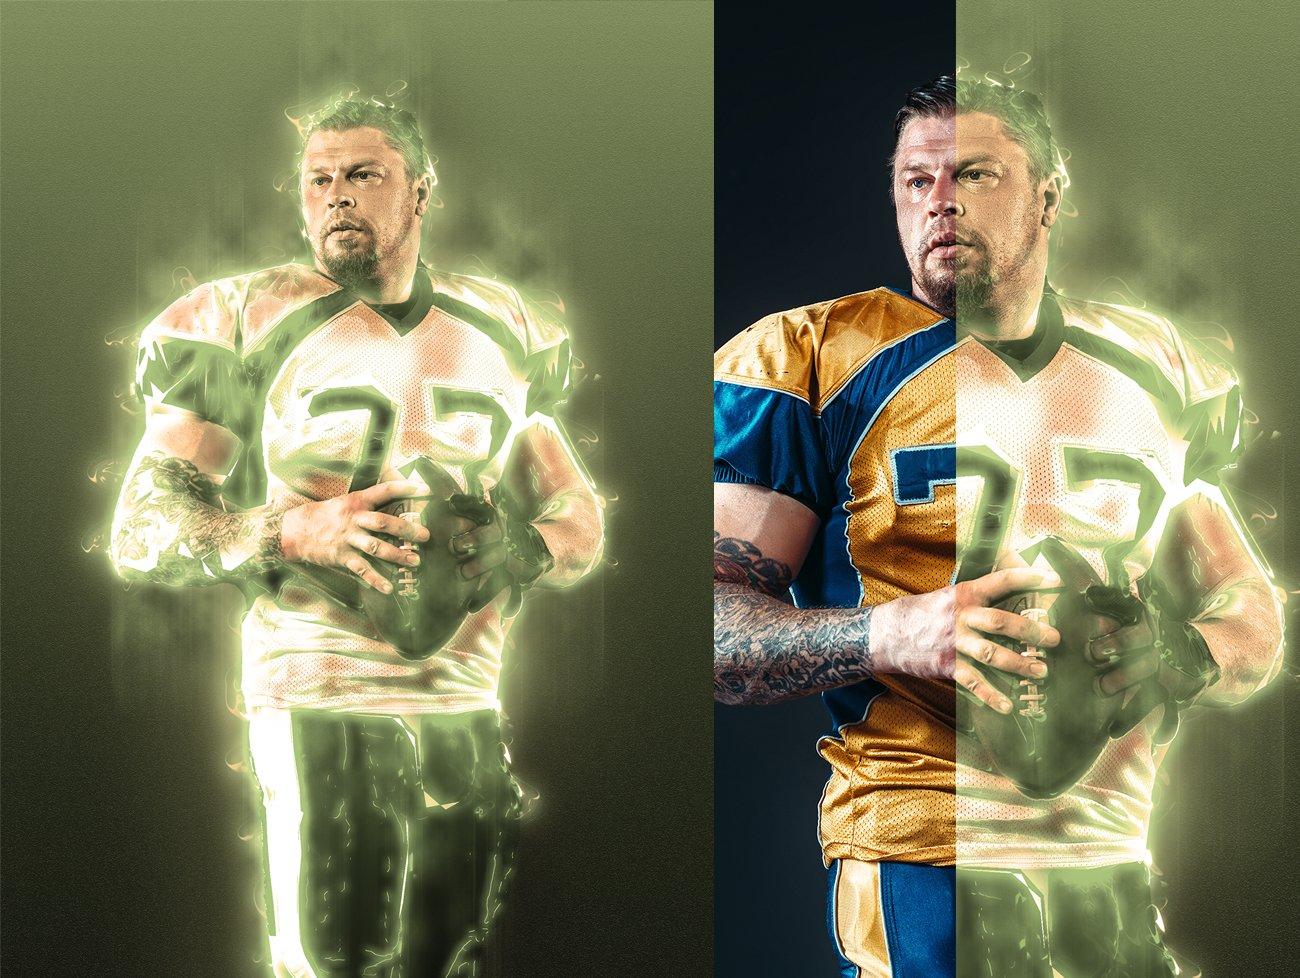 超炫能力发光效果照片处理特效PS动作素材 Light Photoshop Action插图4